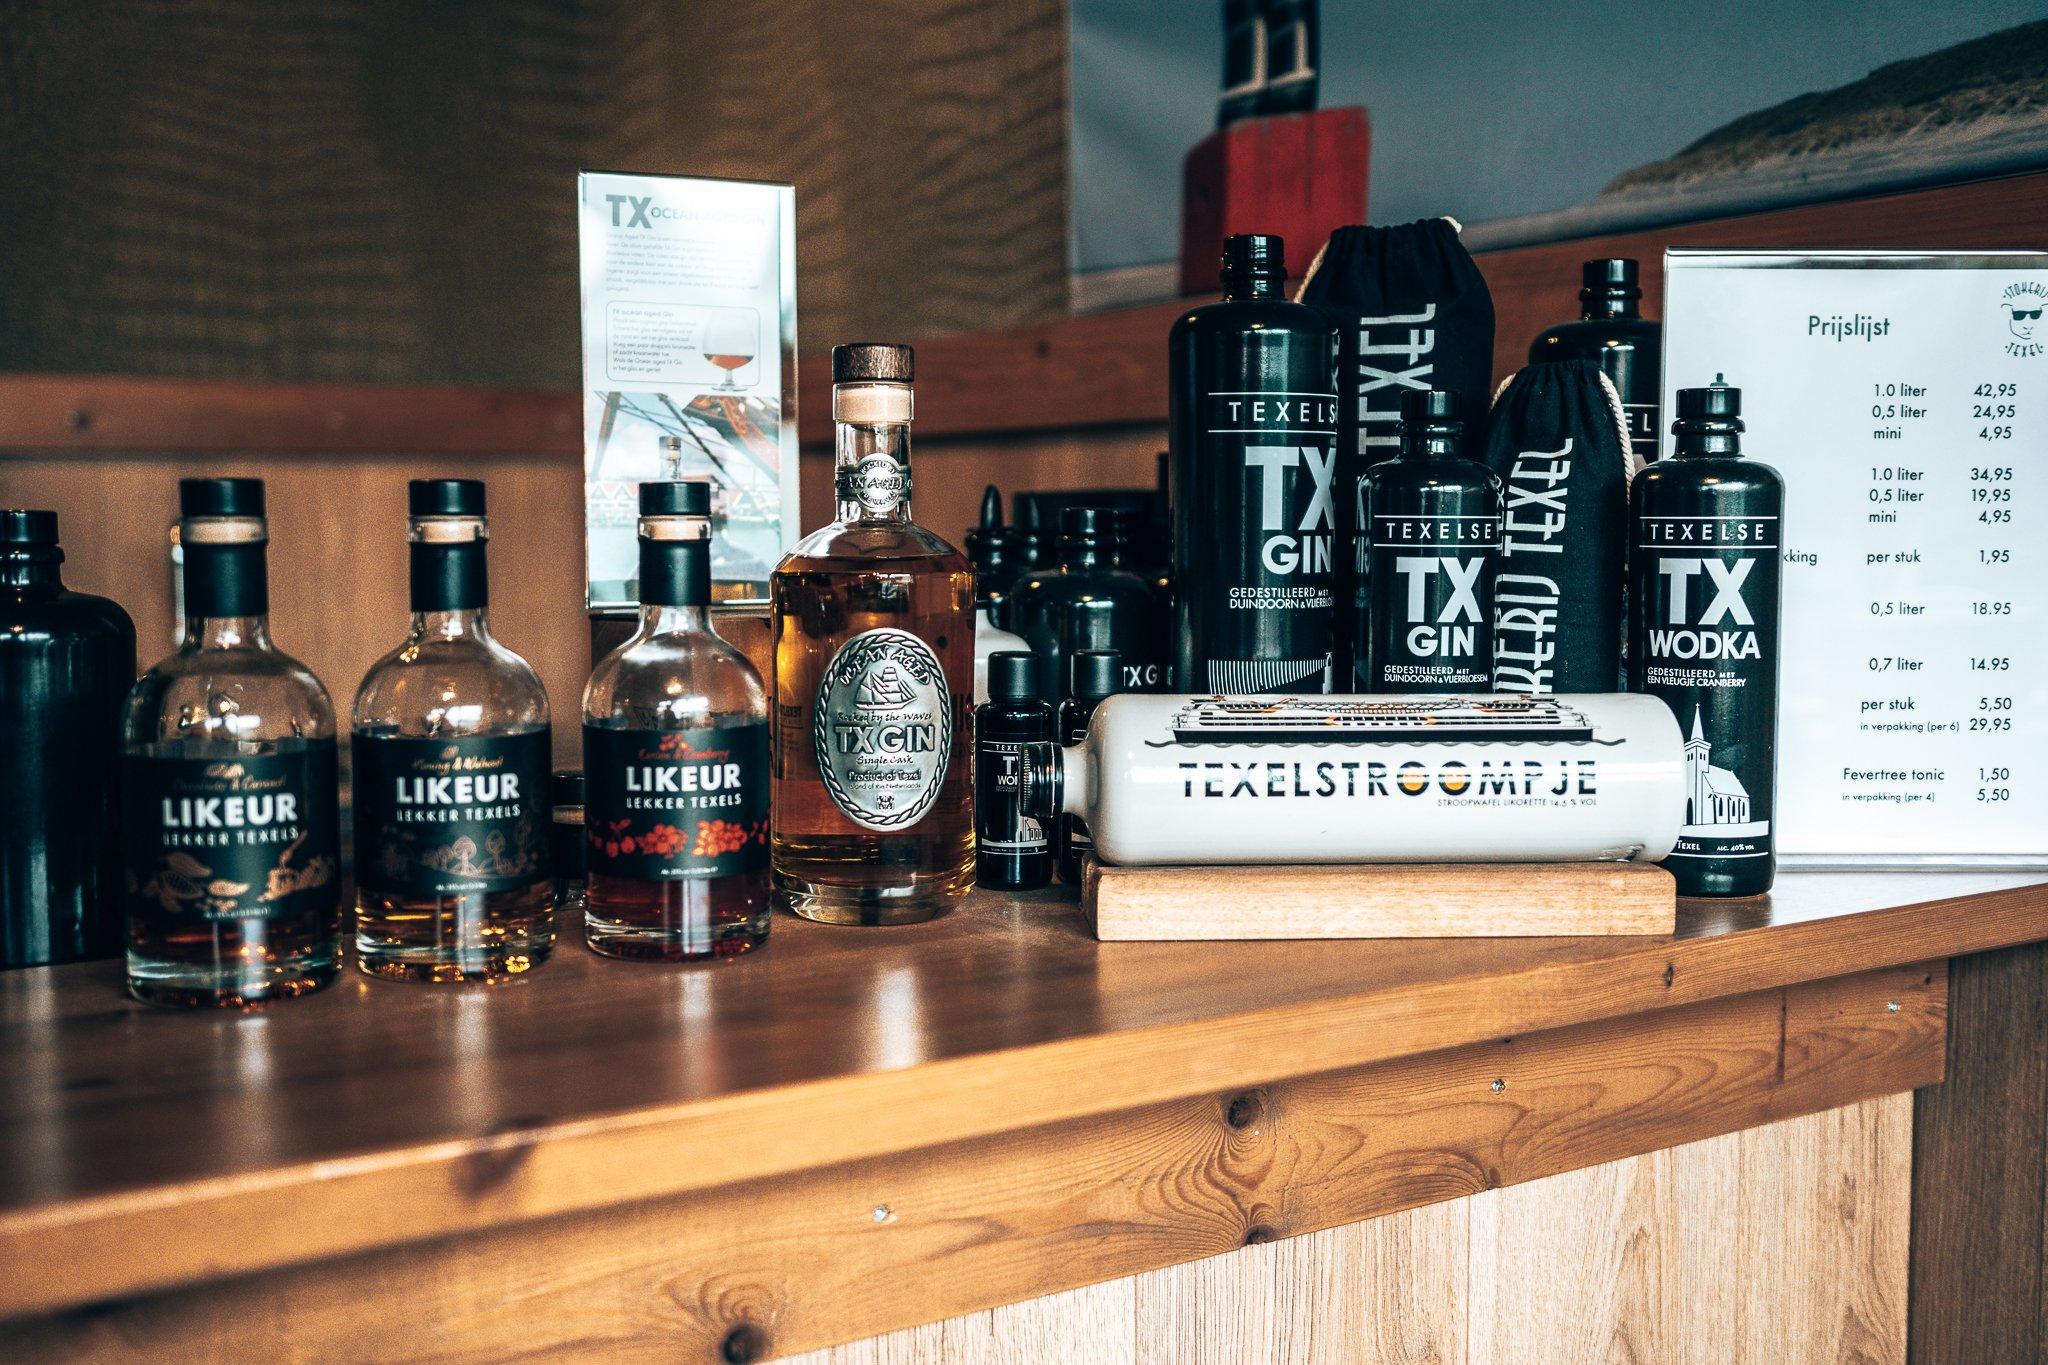 Dranken range van Stokerij Texel, Alles over gin.